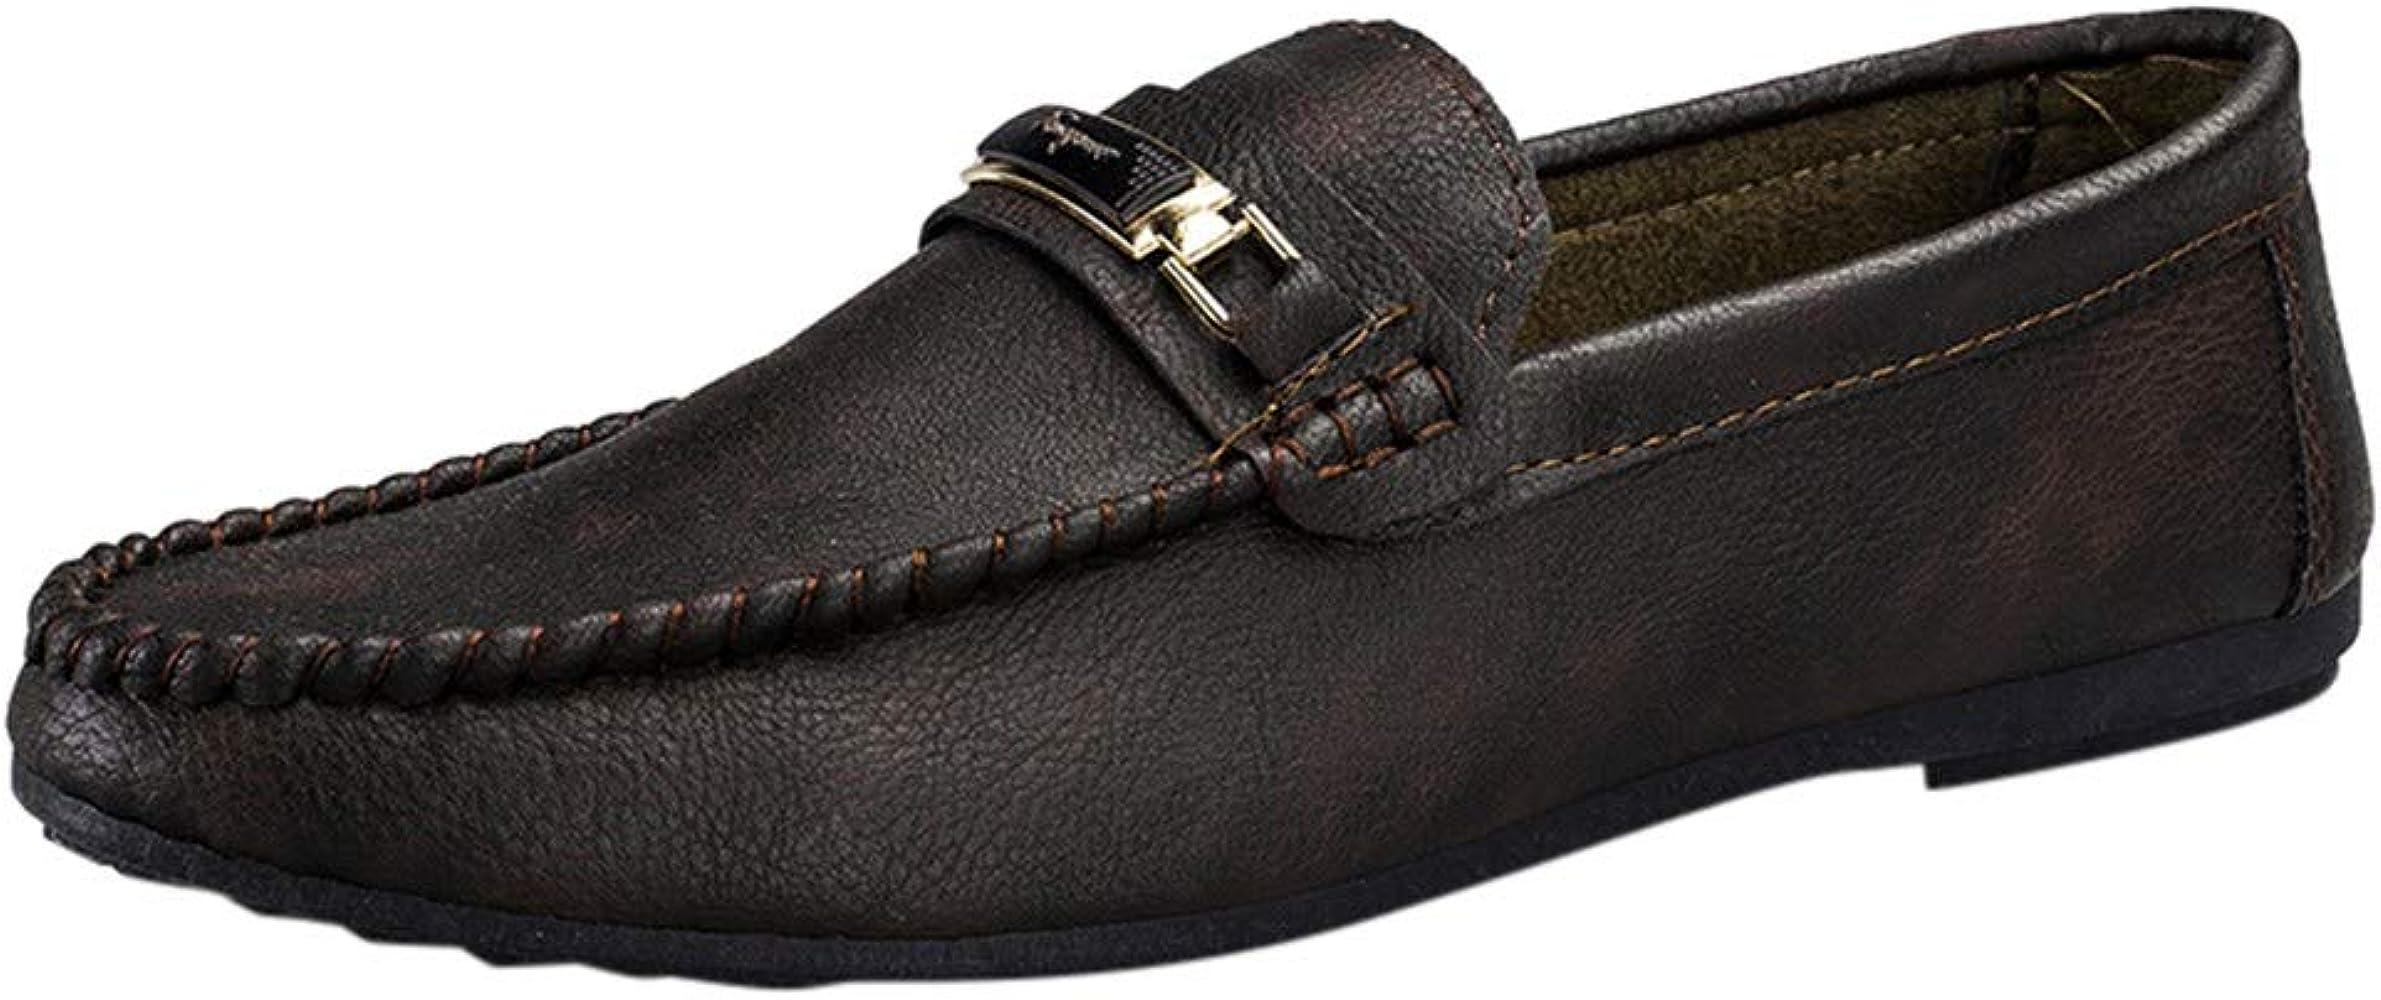 Zapatos de Piel para Hombre de Liligood Loafers, Informales ...